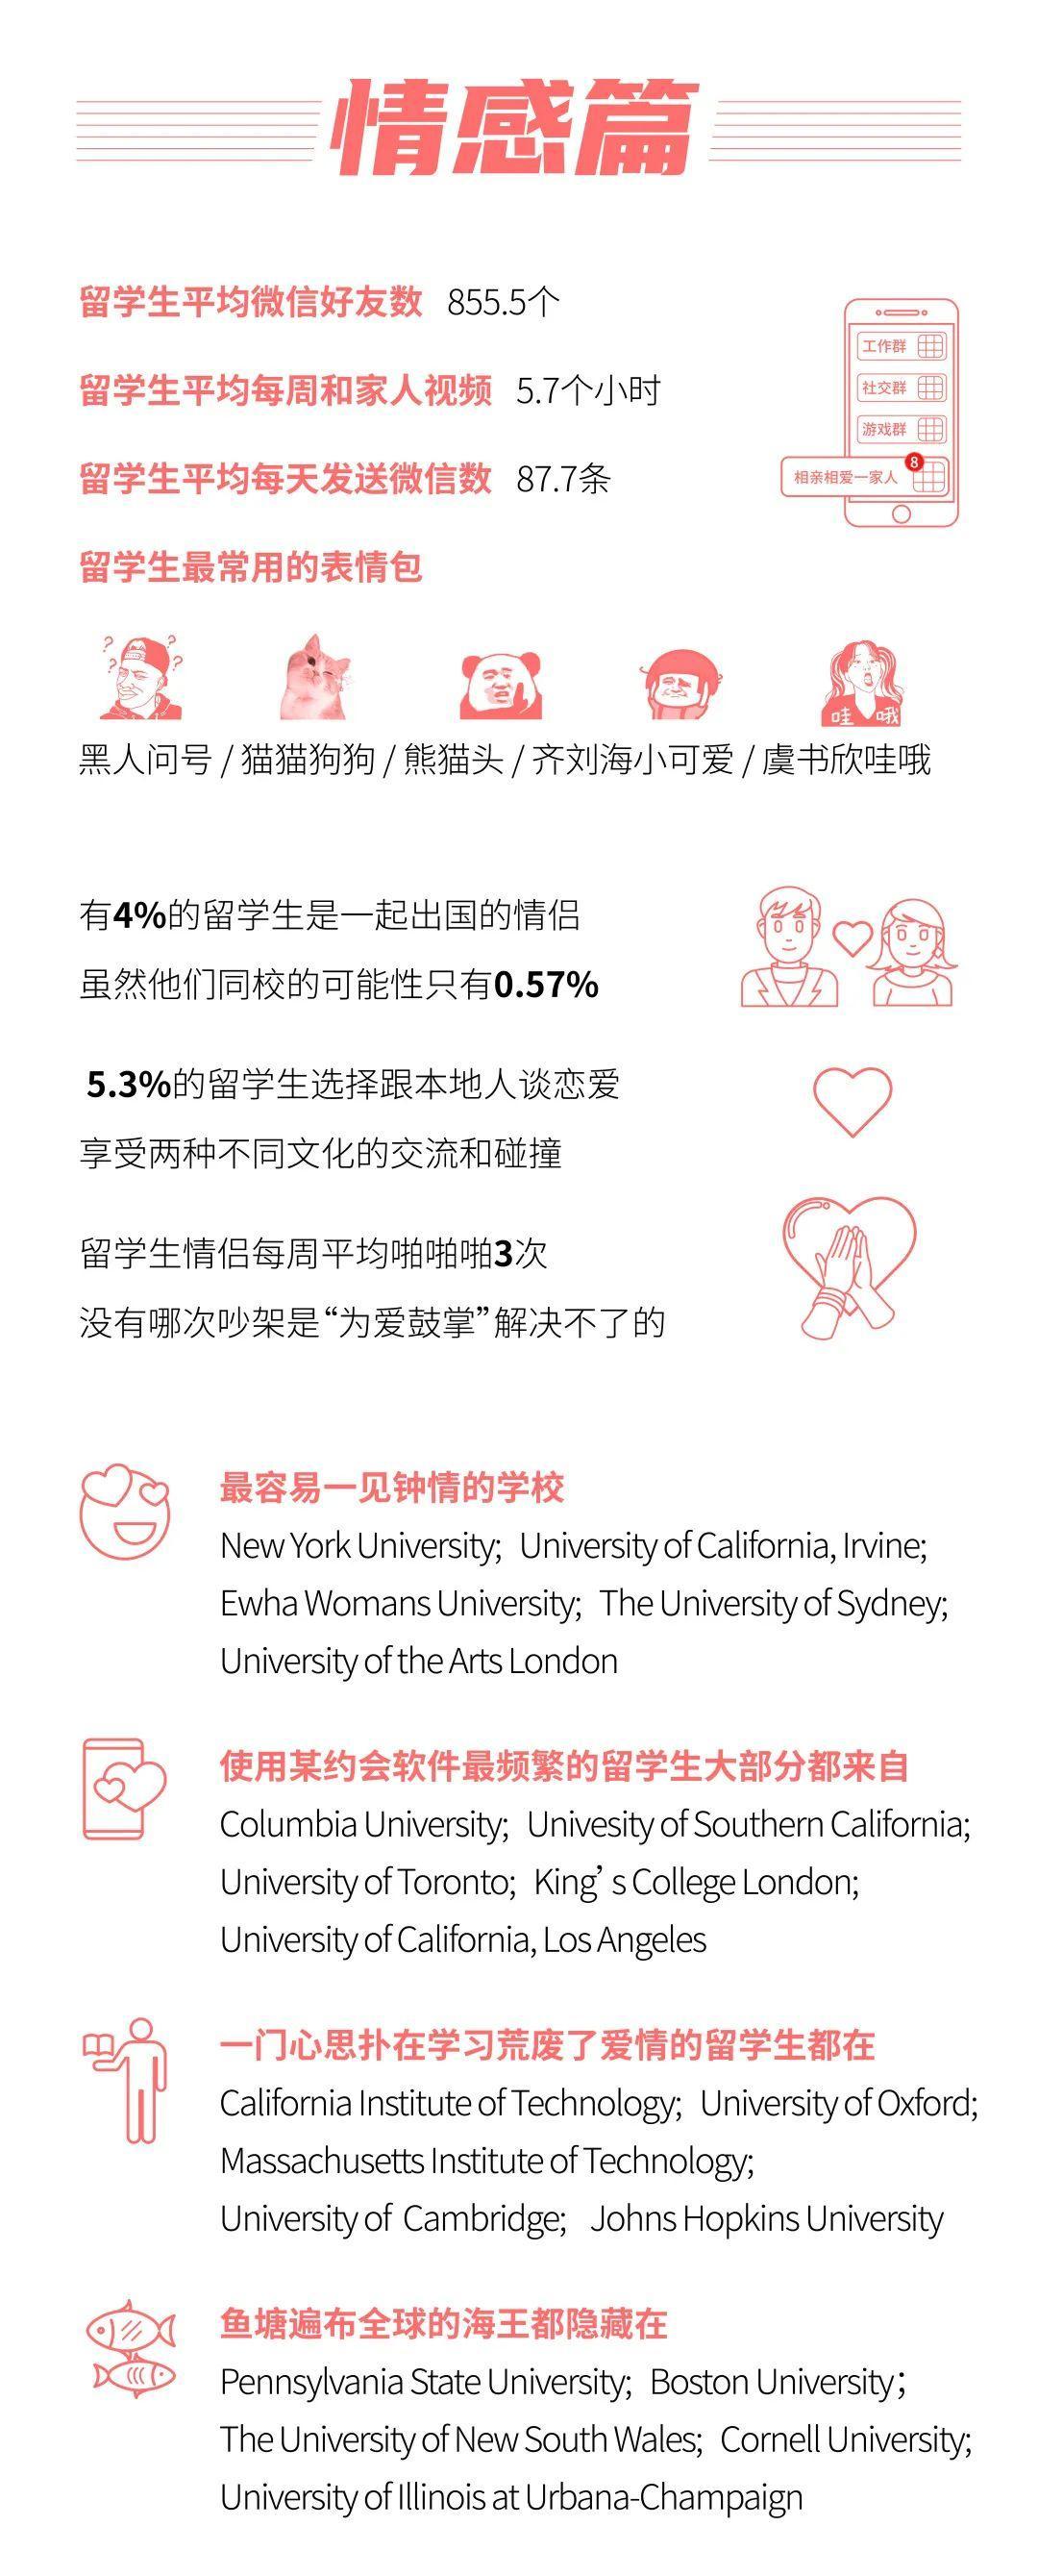 留学大数据《2020中国留学白皮书》中国留学生数目美澳加排前3  数据 第4张